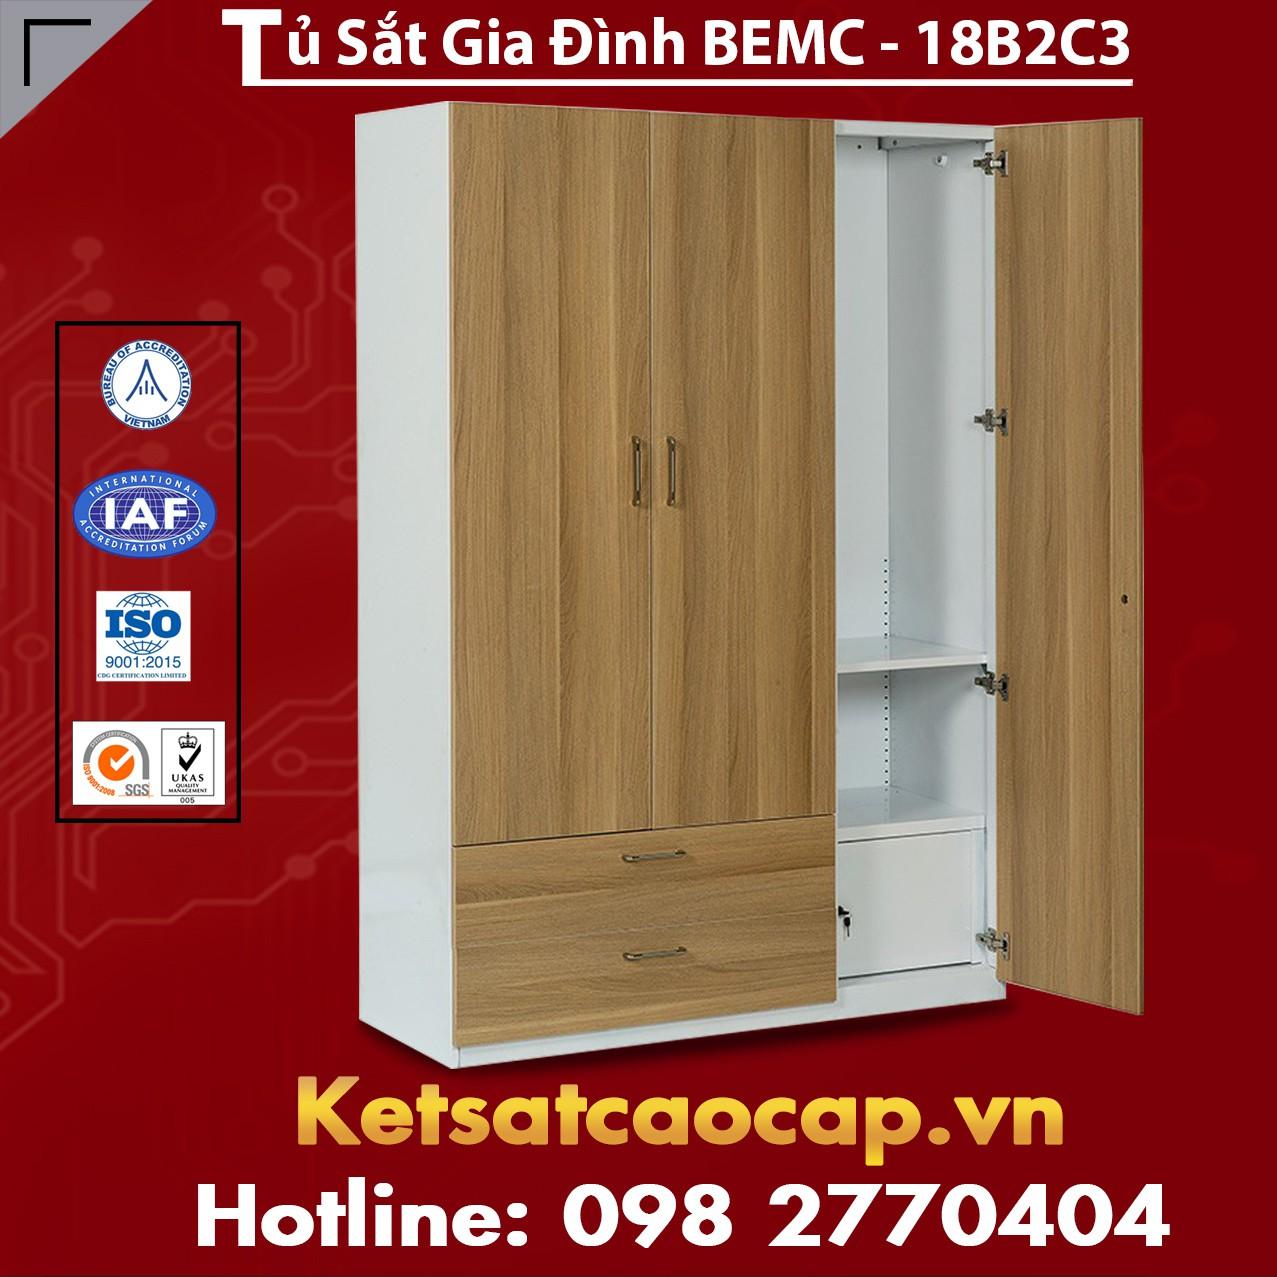 Tủ Sắt Gia Đình BEMC - 18B2C3